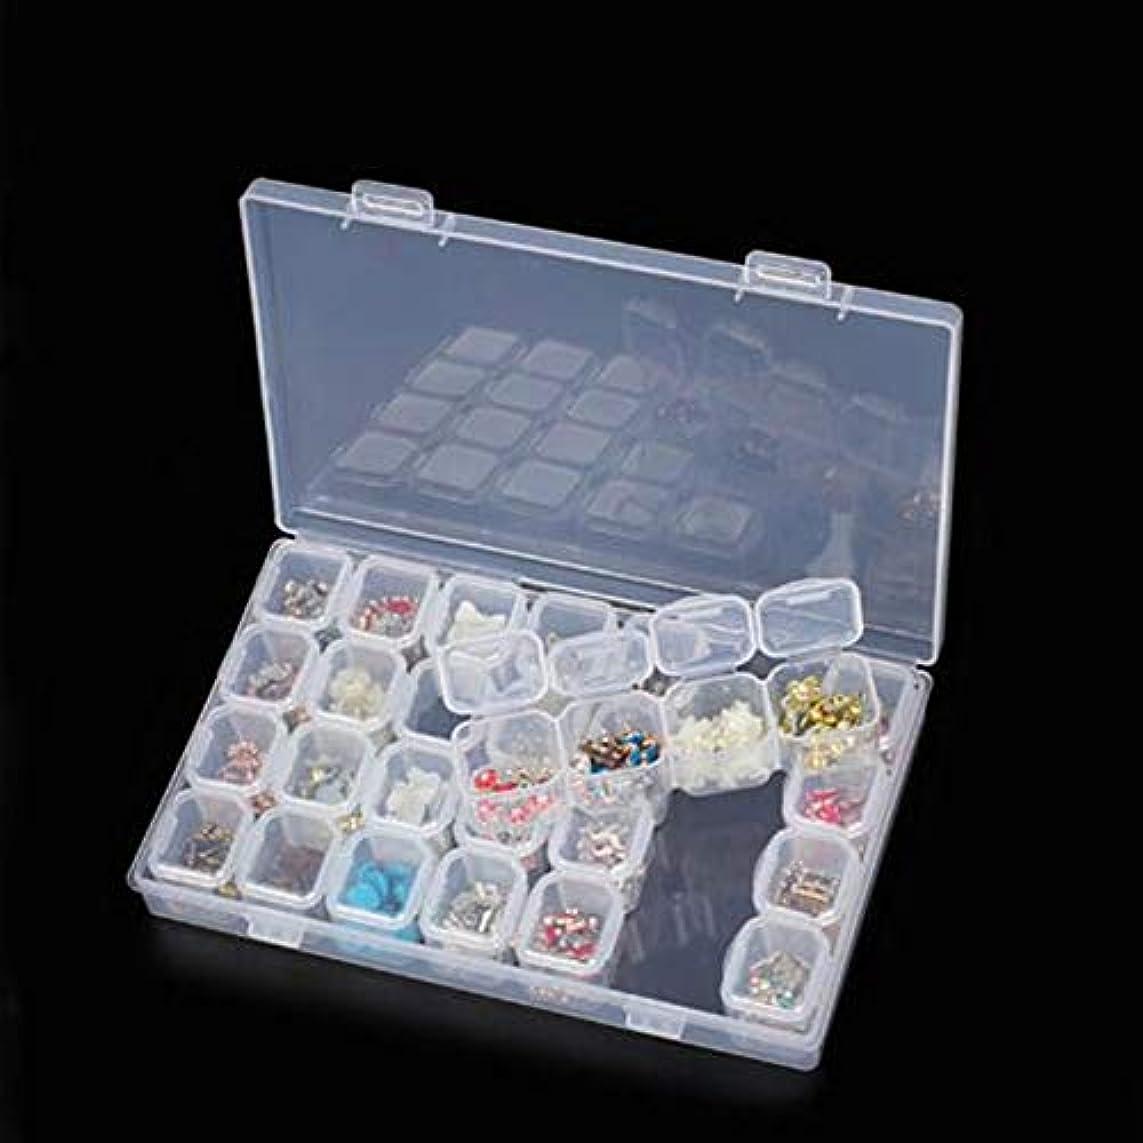 キッチン各れんがAAcreatspace 28スロットプラスチック収納ボックスダイヤモンド塗装キットネイルアートラインストーンツールビーズ収納ボックスケースオーガナイザーホルダー